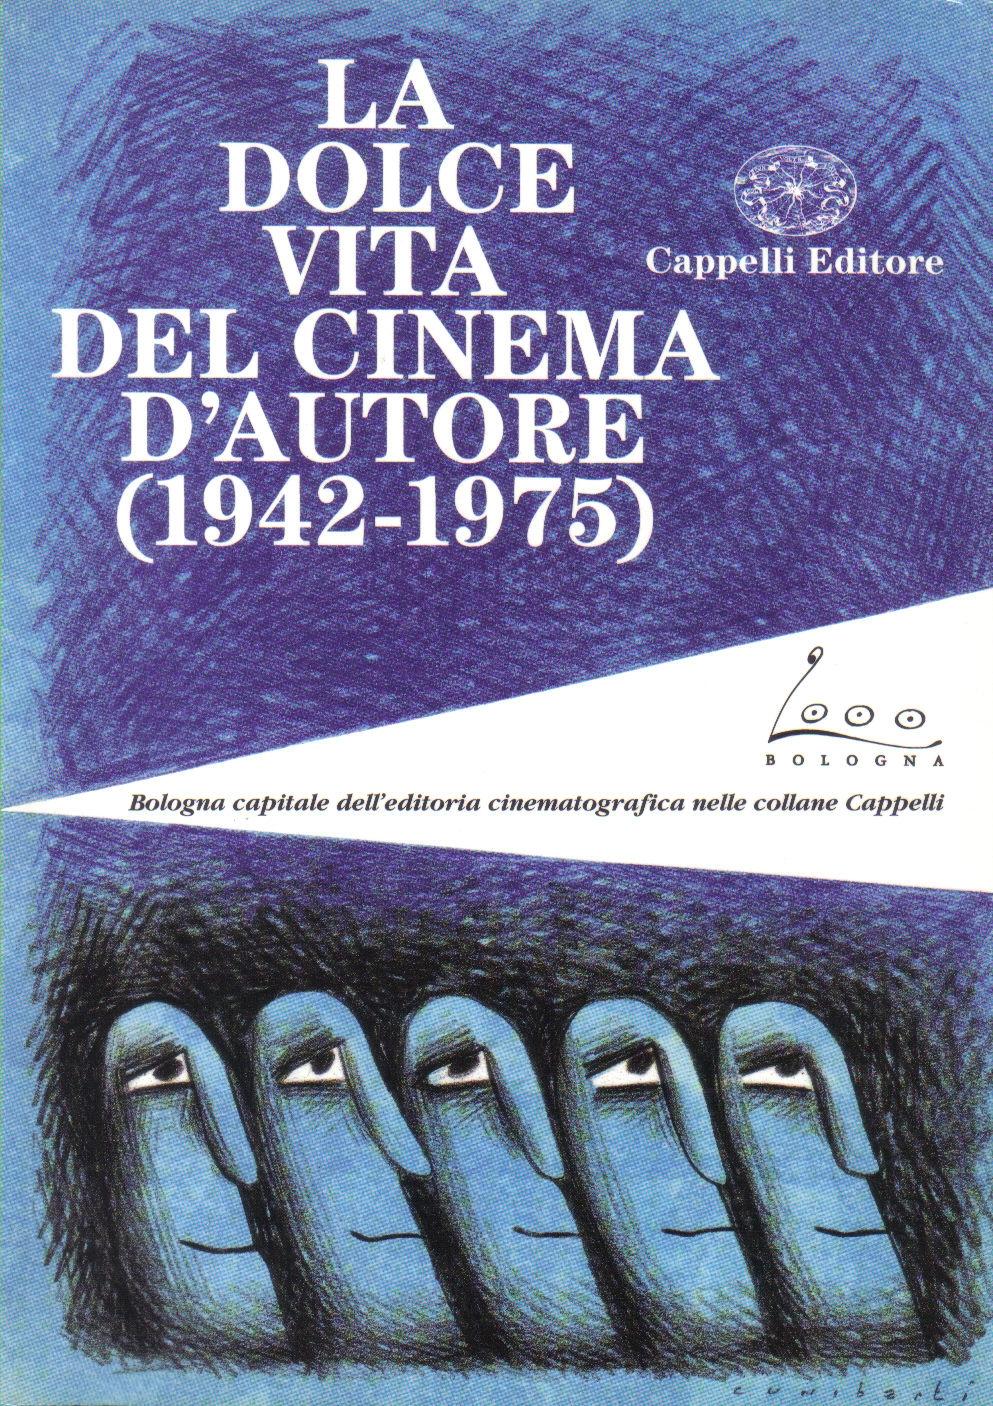 La dolce vita del cinema d'autore (1942-1975)